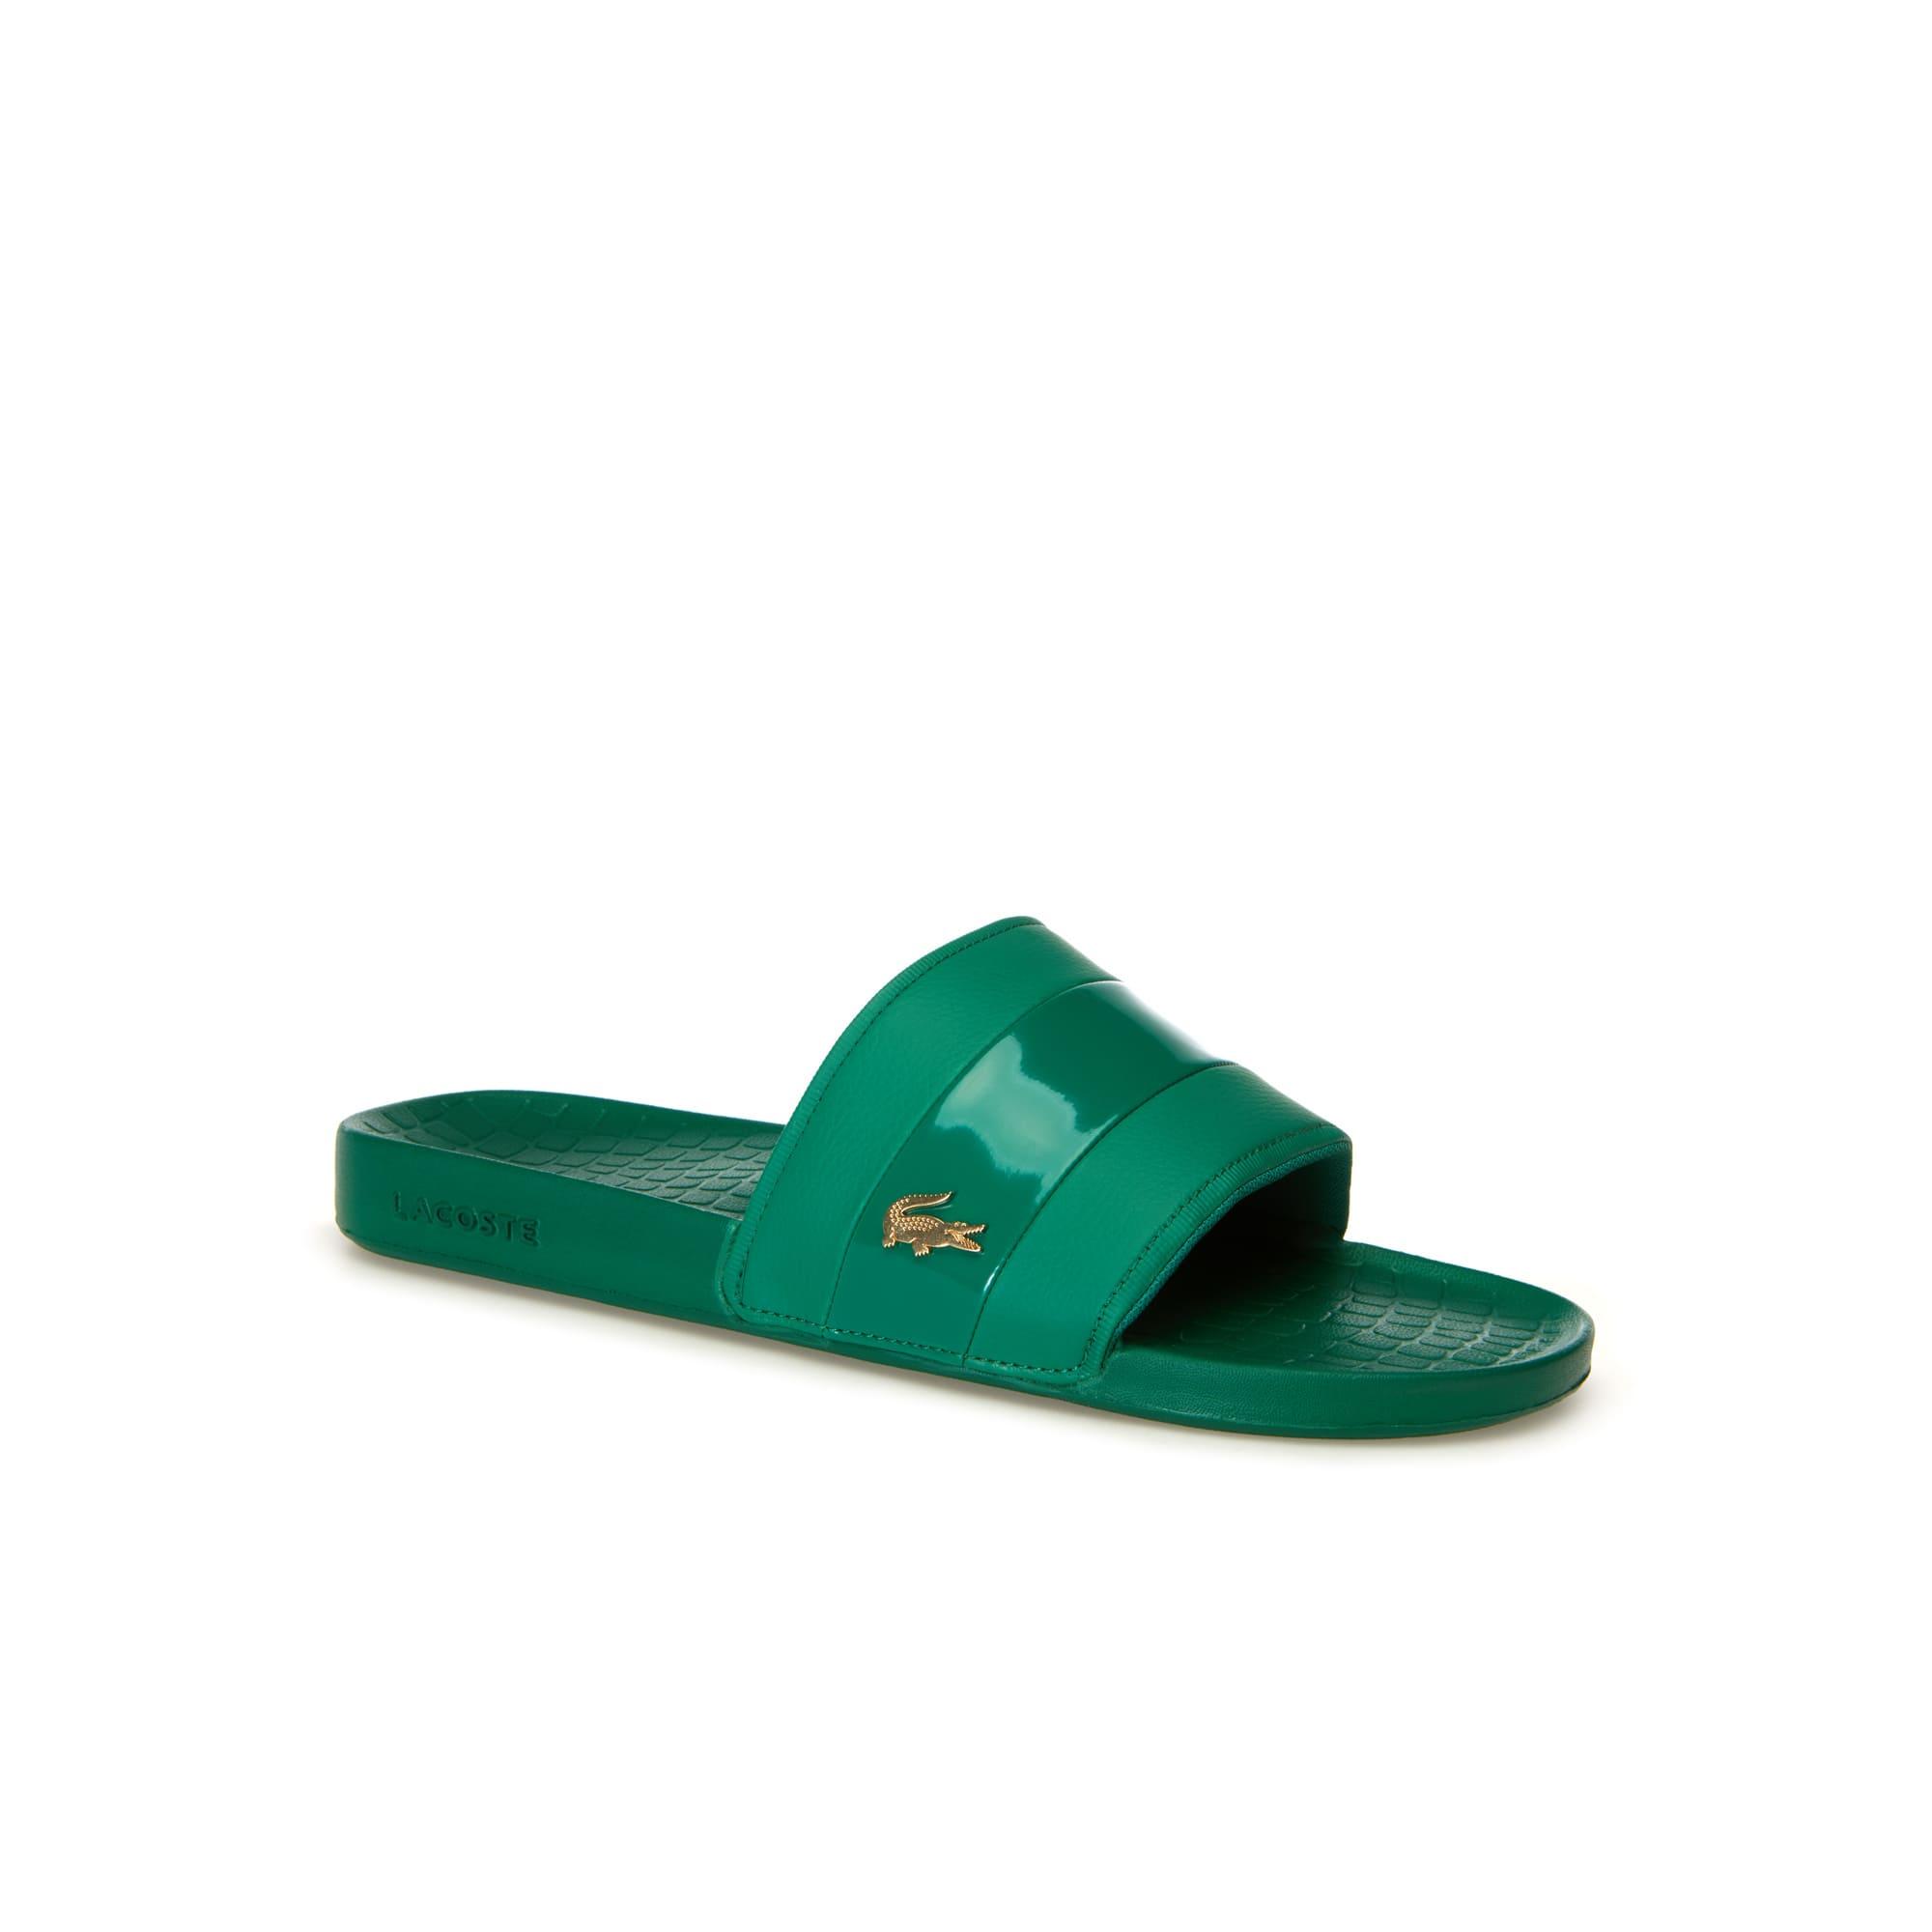 Men's Fraisier Leather Slides